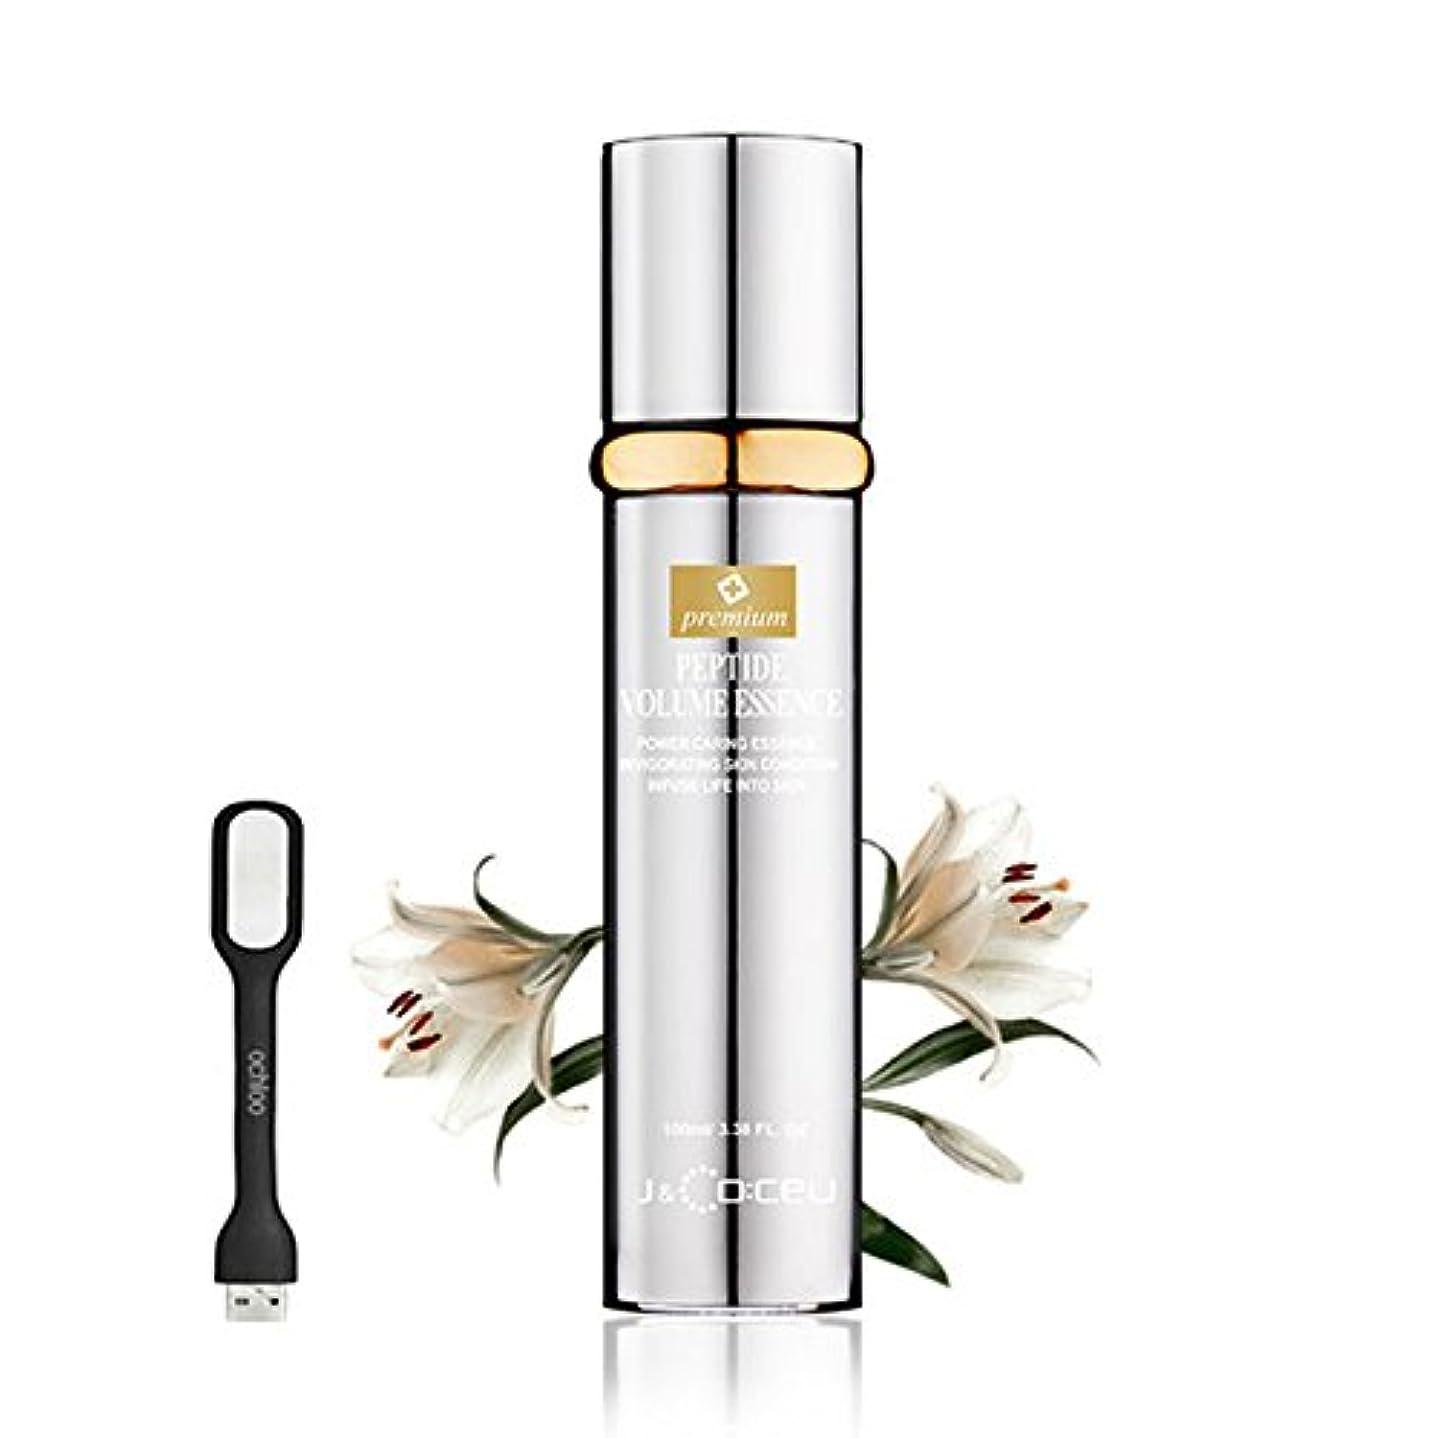 司教放棄するはしごPremium Peptide Volume Essence 100ml: Upgraded Cosmetic Botox Anti-Wrinkle Essence All in One Wrinkle-care Firming...